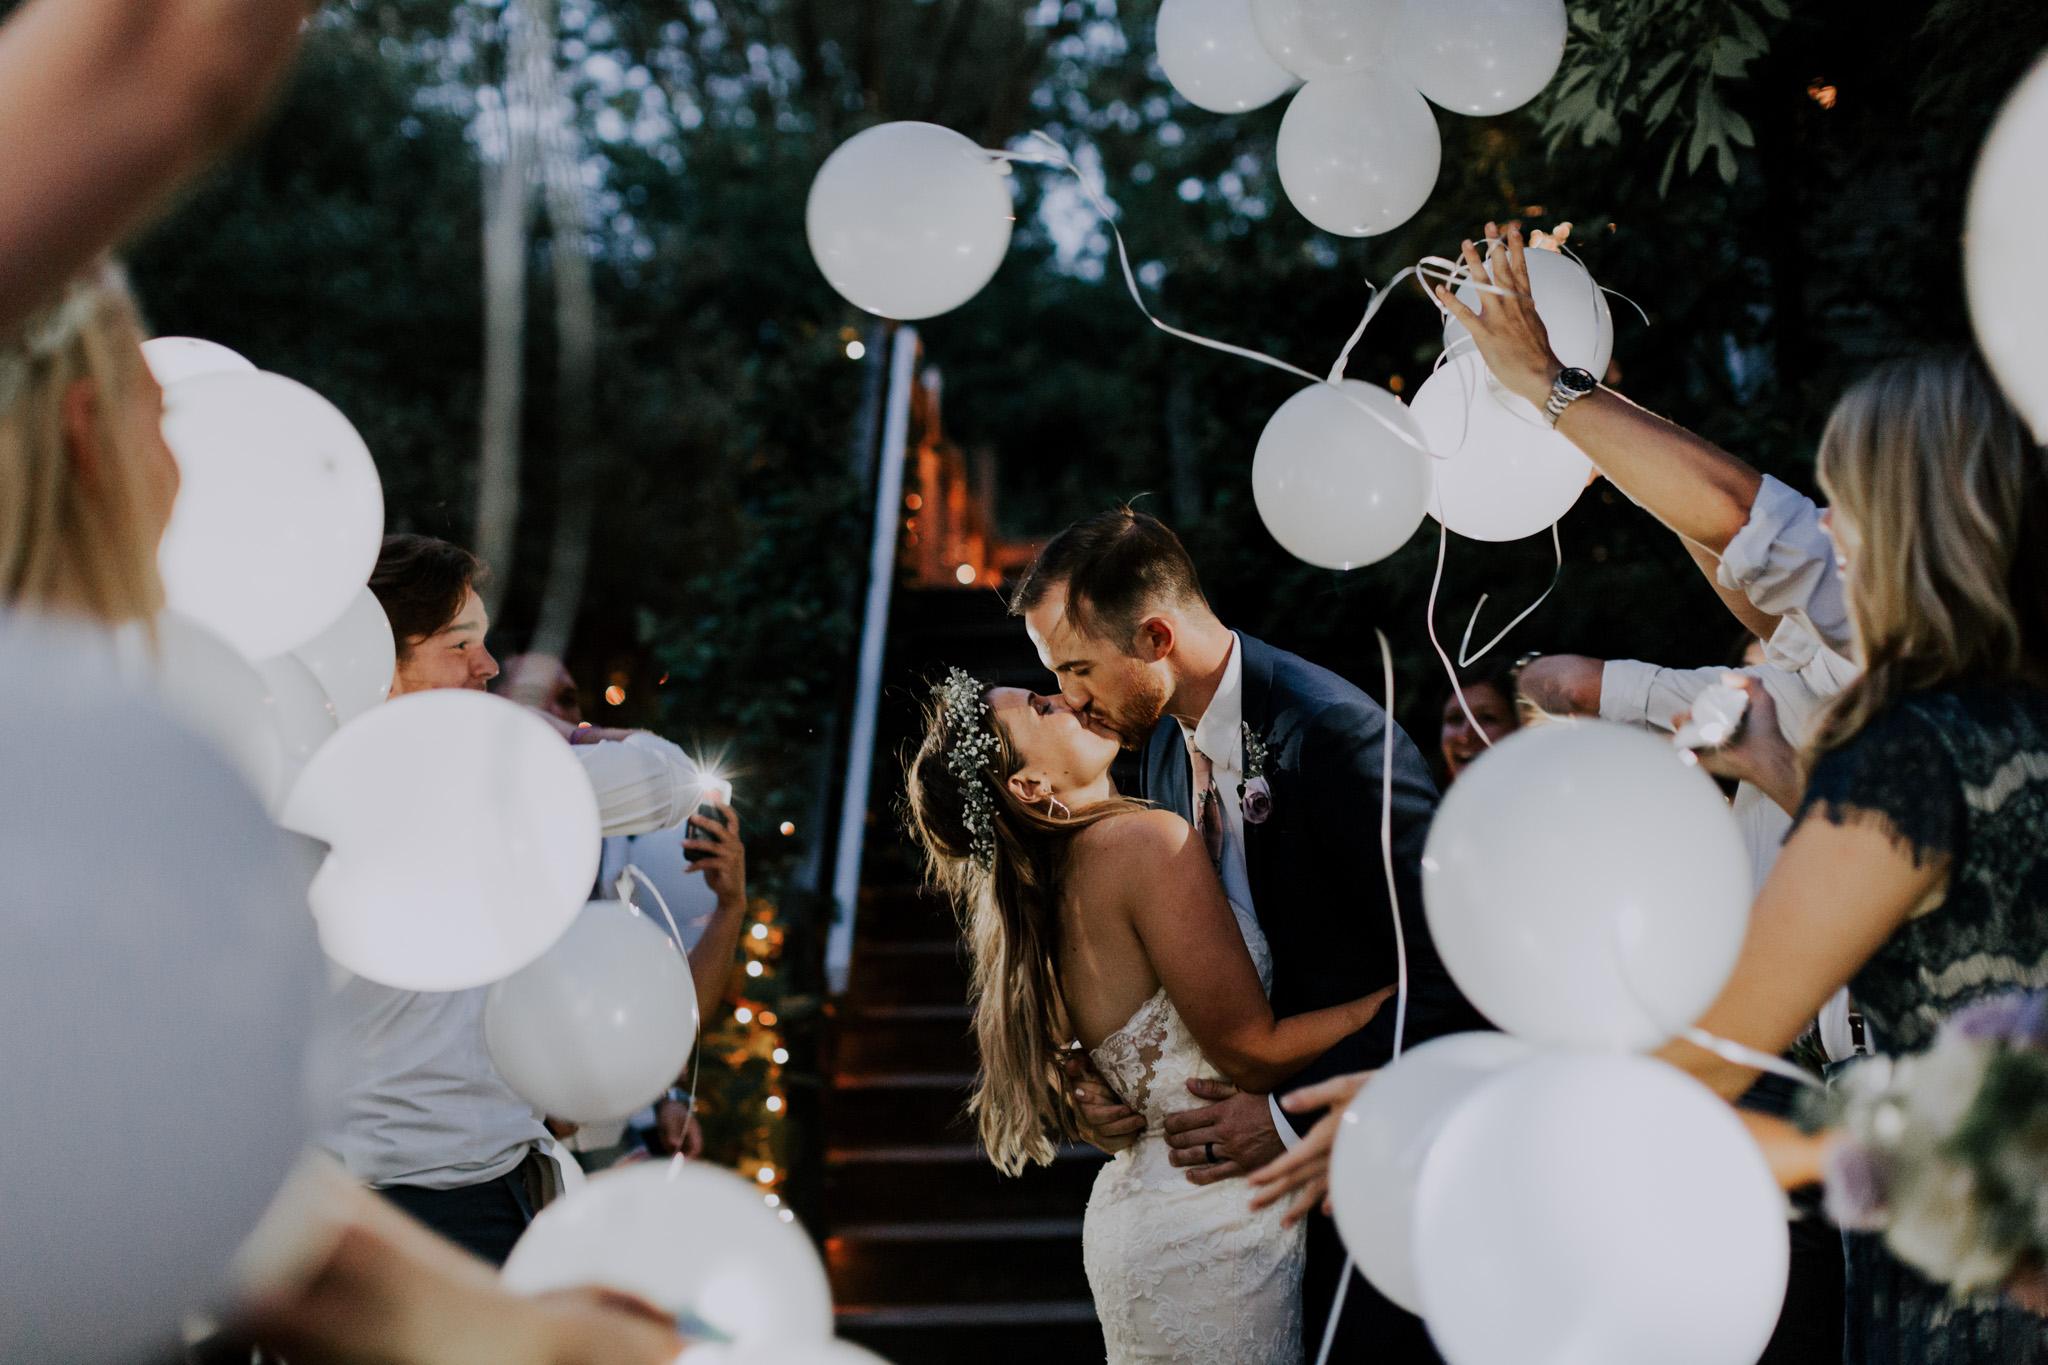 Blue-Dress-Barn-Michigan-Wedding-April-Seth-Vafa-Photo1187.jpg